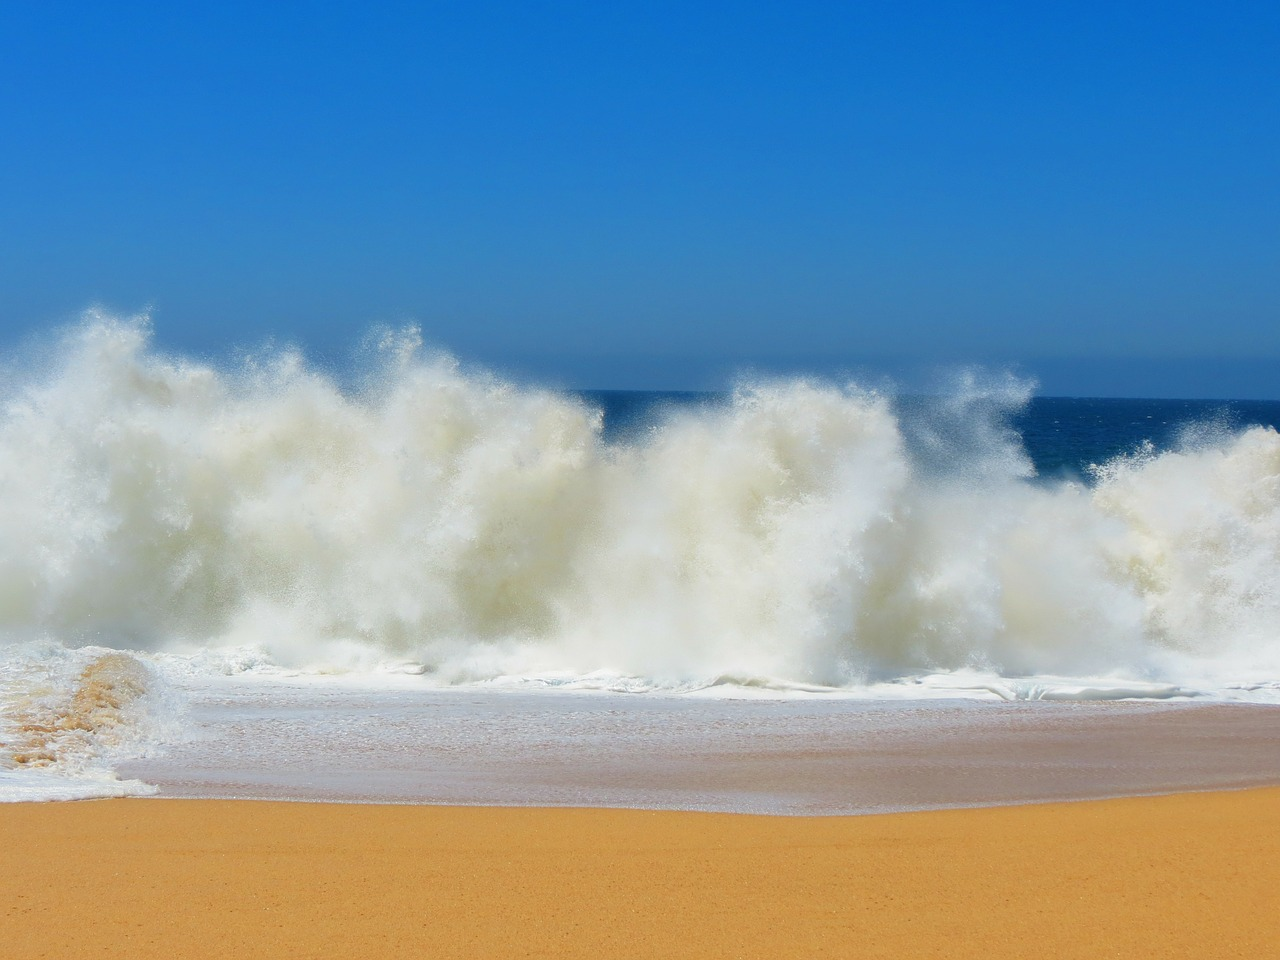 une belle plage d'europe avec une vague